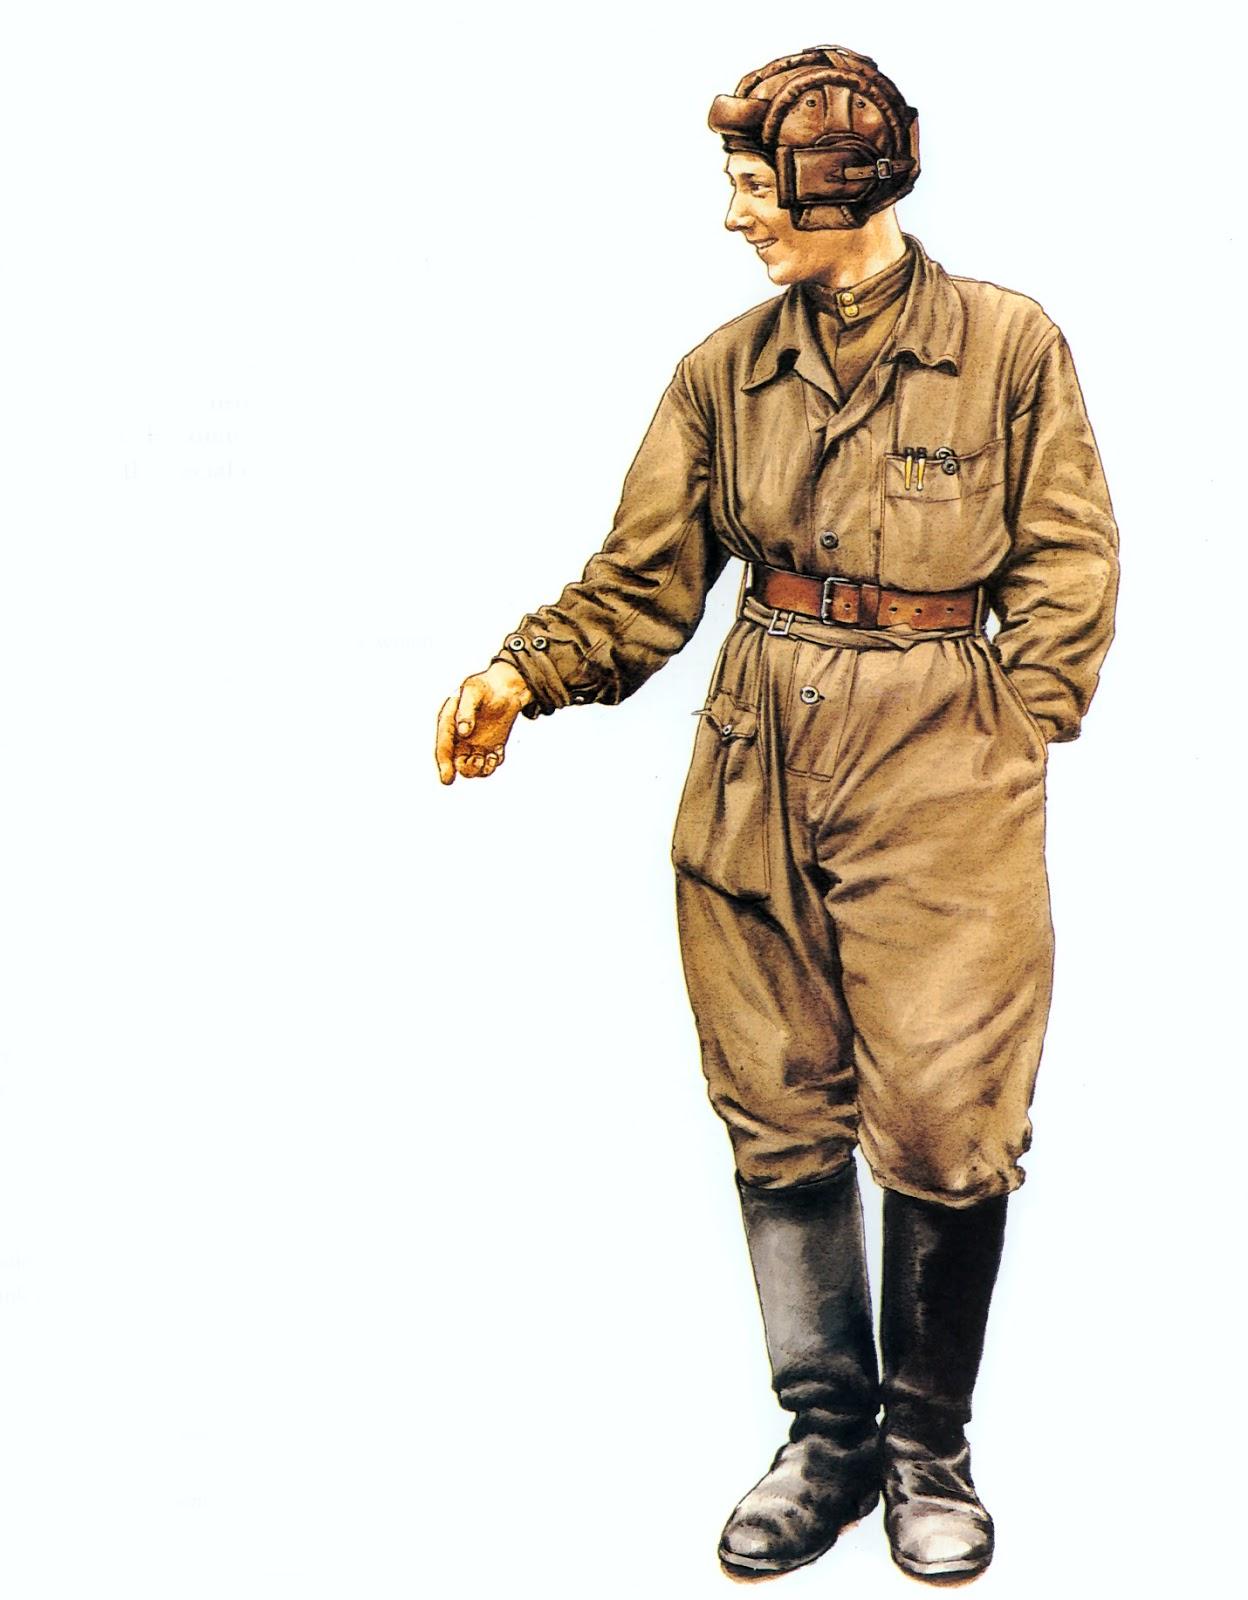 Wwii Russian Uniform 51